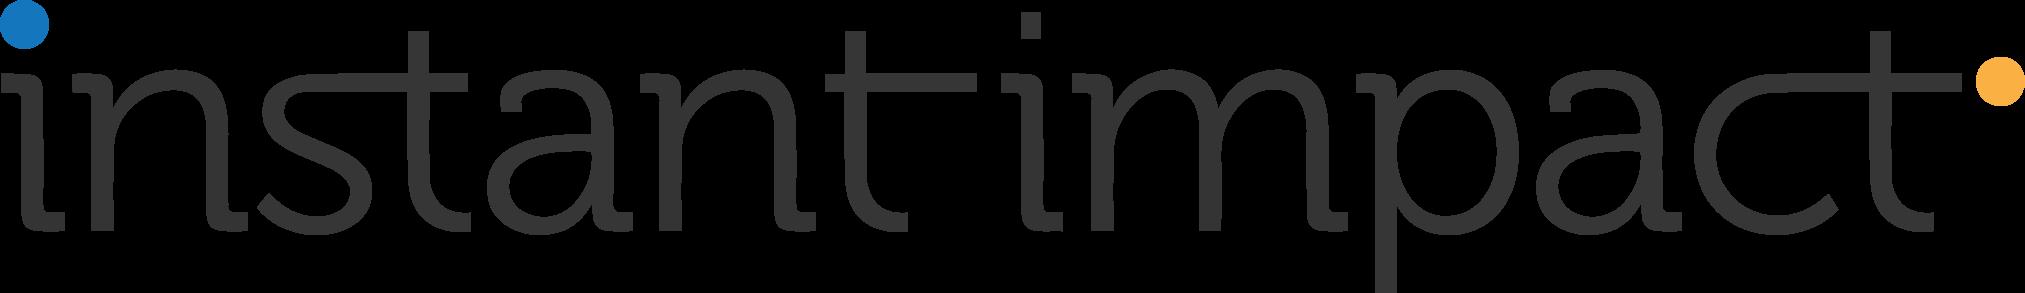 Full logo dark lettering